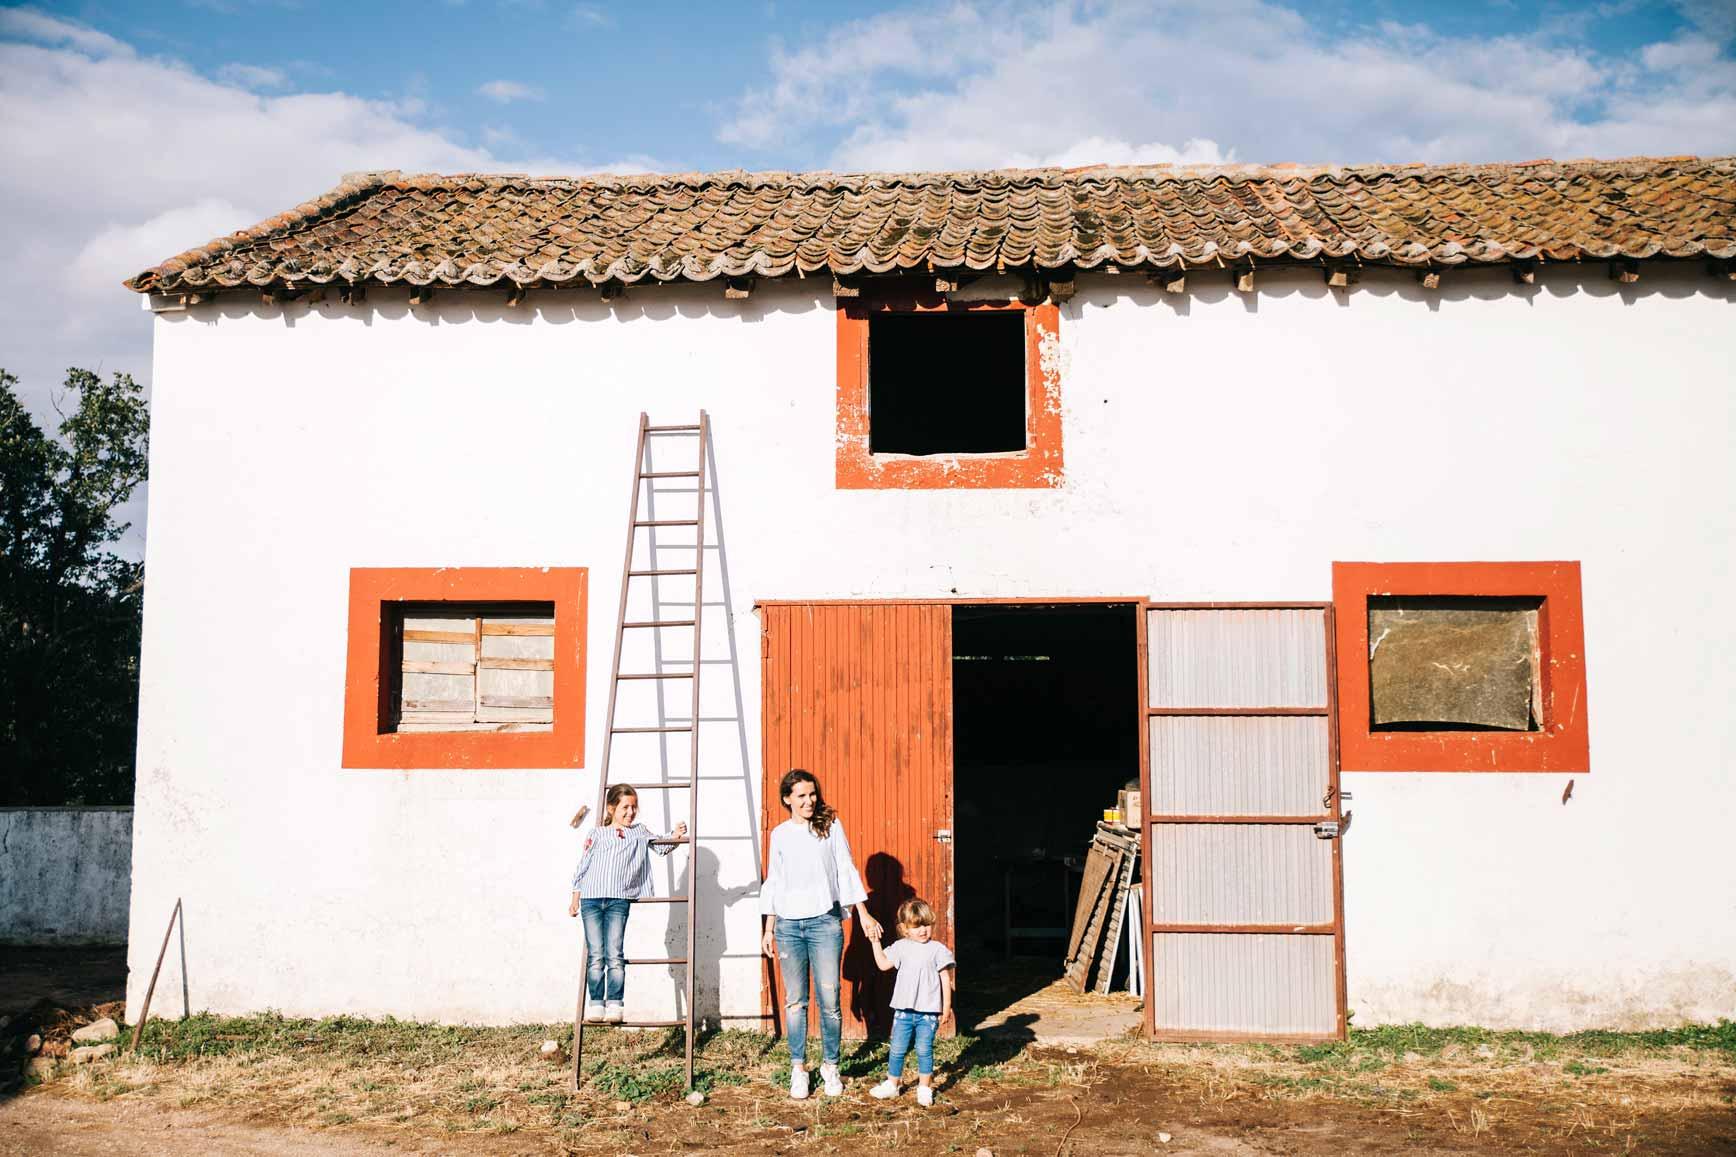 Ruta a Caballo - Caballos La Vereda_claraBmartin_49